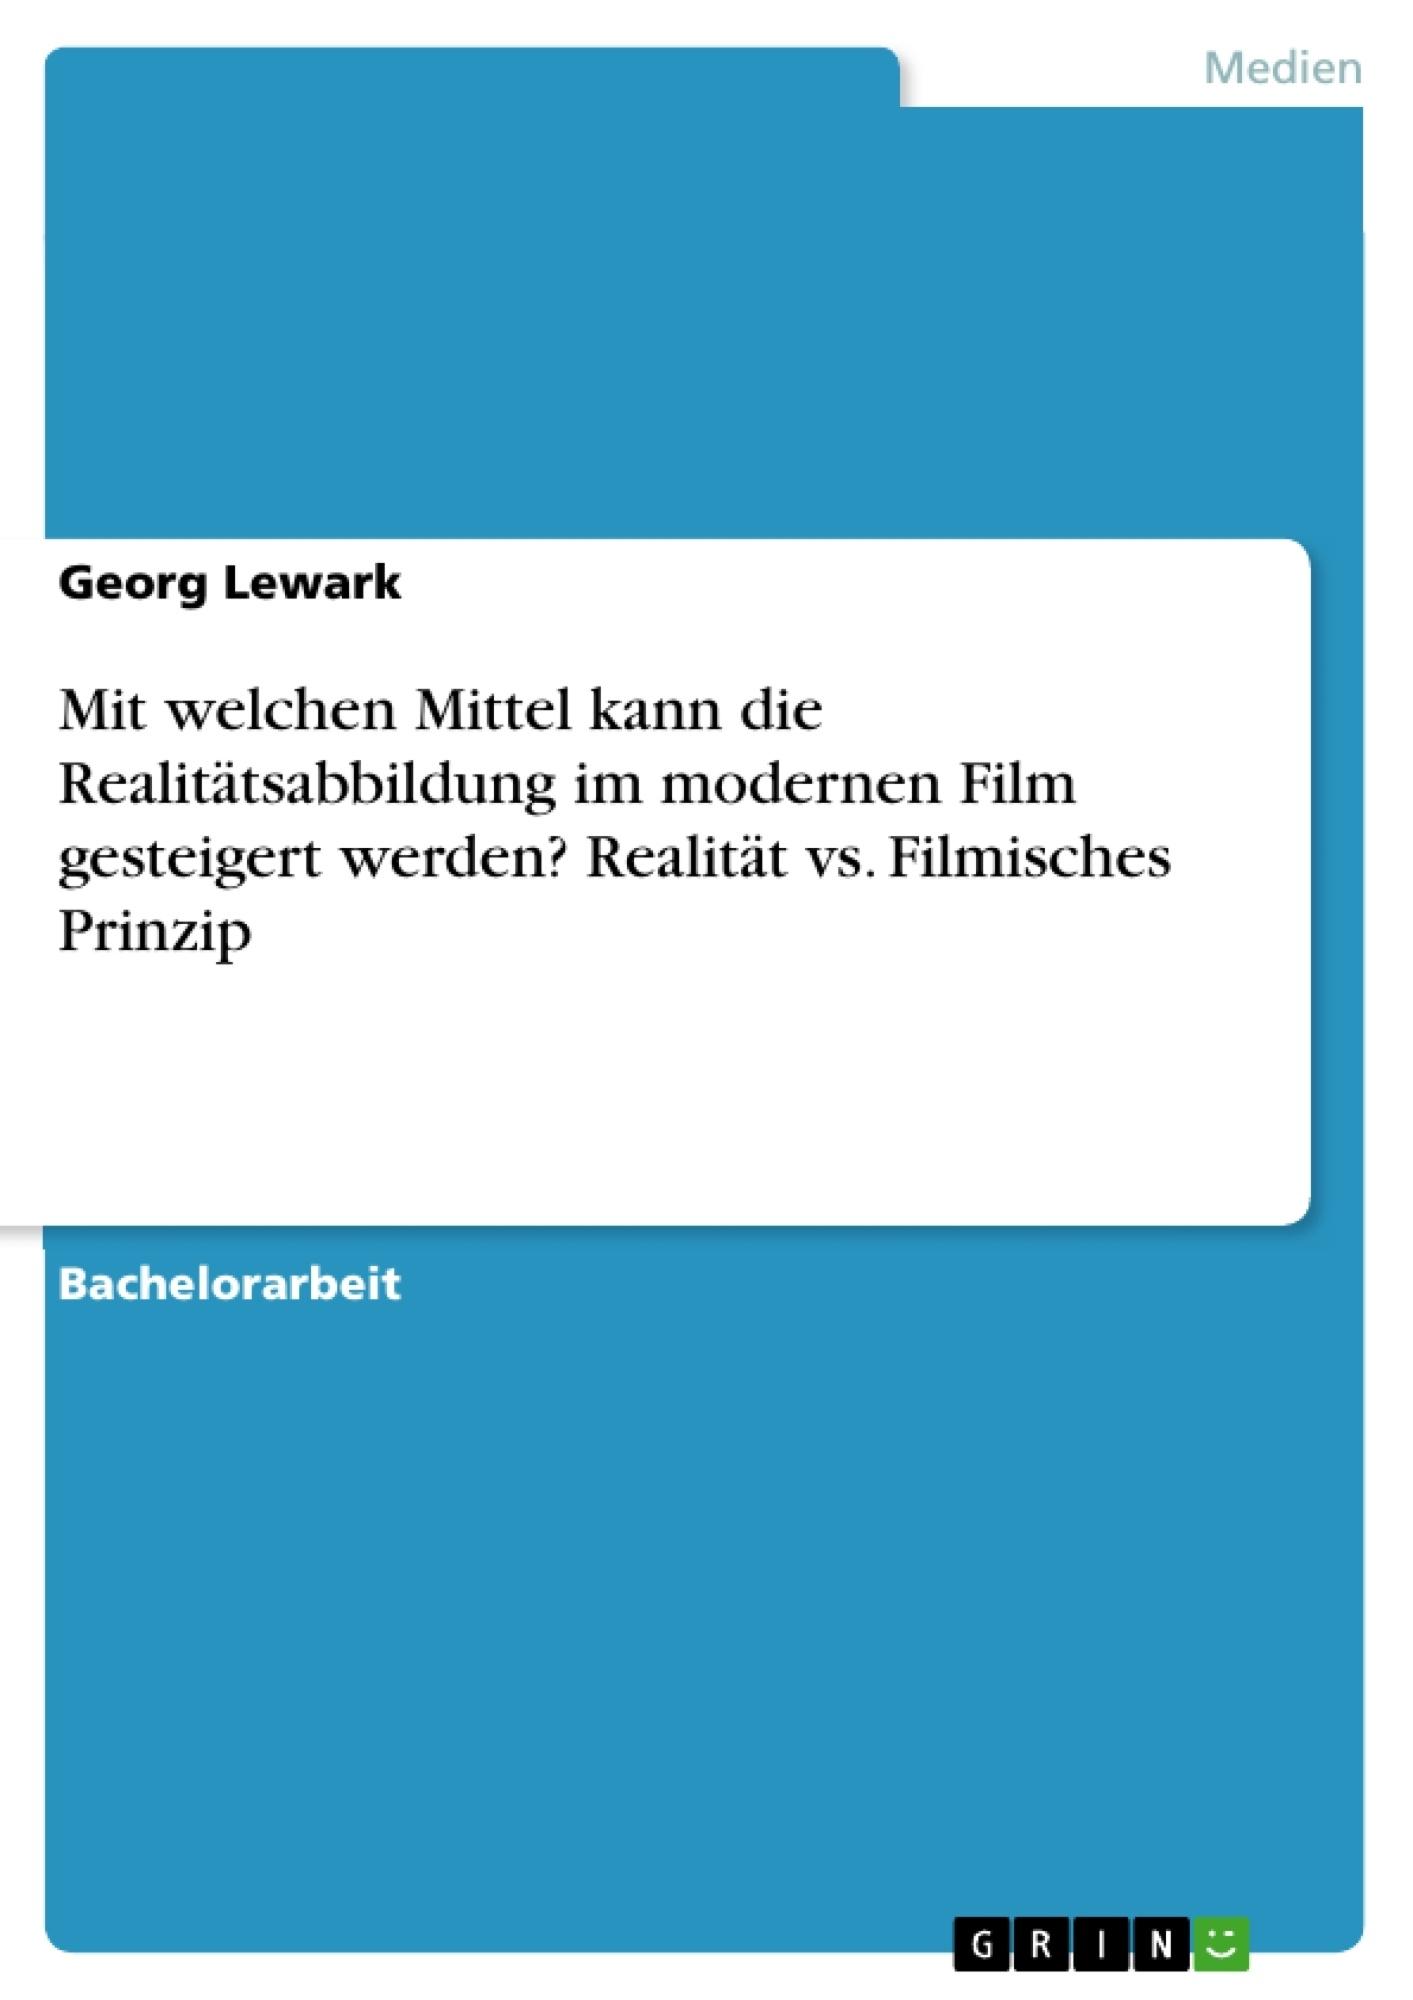 Titel: Mit welchen Mittel kann die Realitätsabbildung im modernen Film gesteigert werden? Realität vs. Filmisches Prinzip